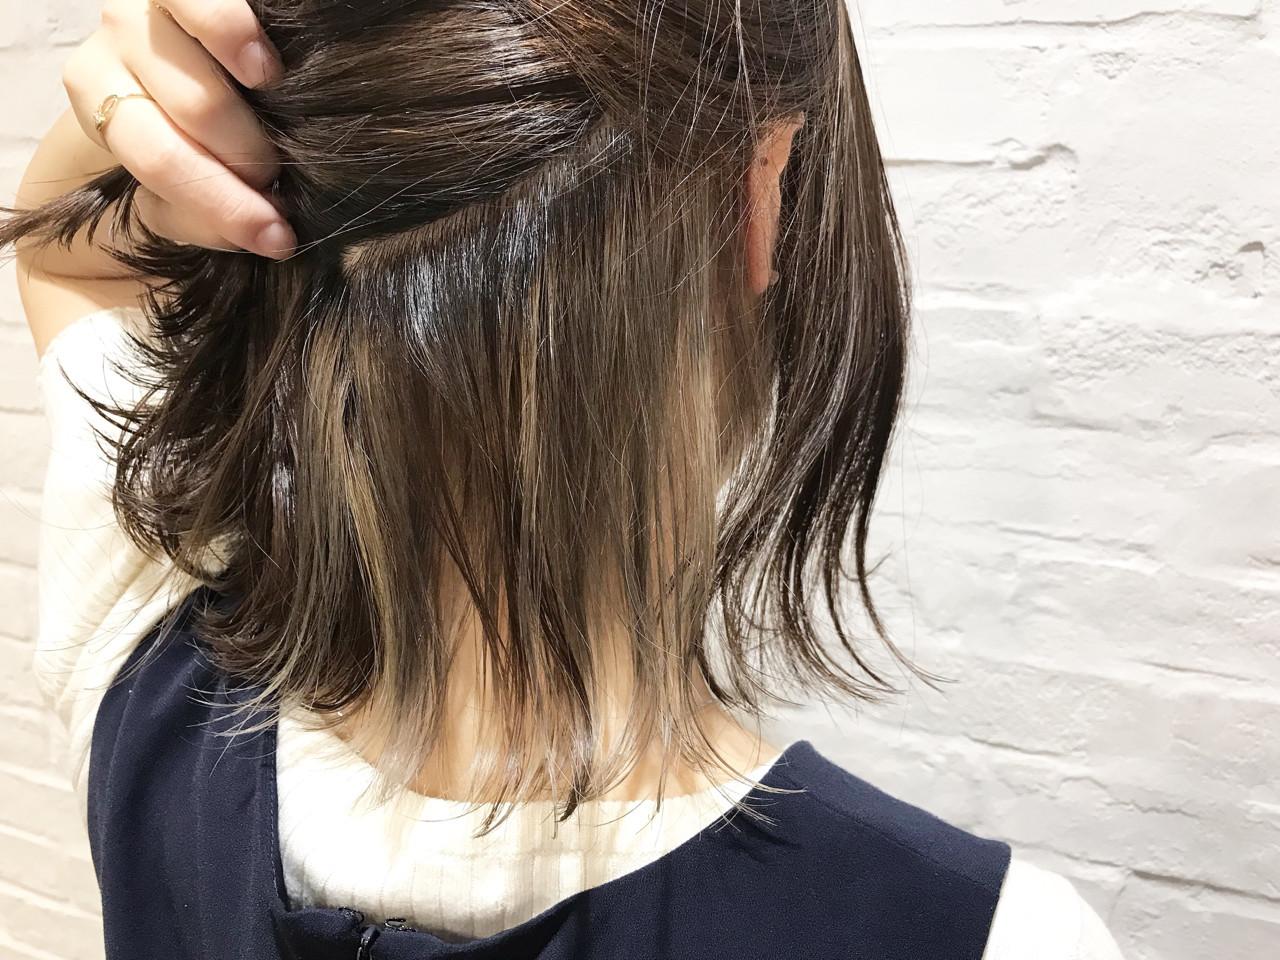 ミルクティーベージュ インナーカラー ナチュラル ミルクティー ヘアスタイルや髪型の写真・画像 | ABBEY 迫田 紘史 / ABBEY